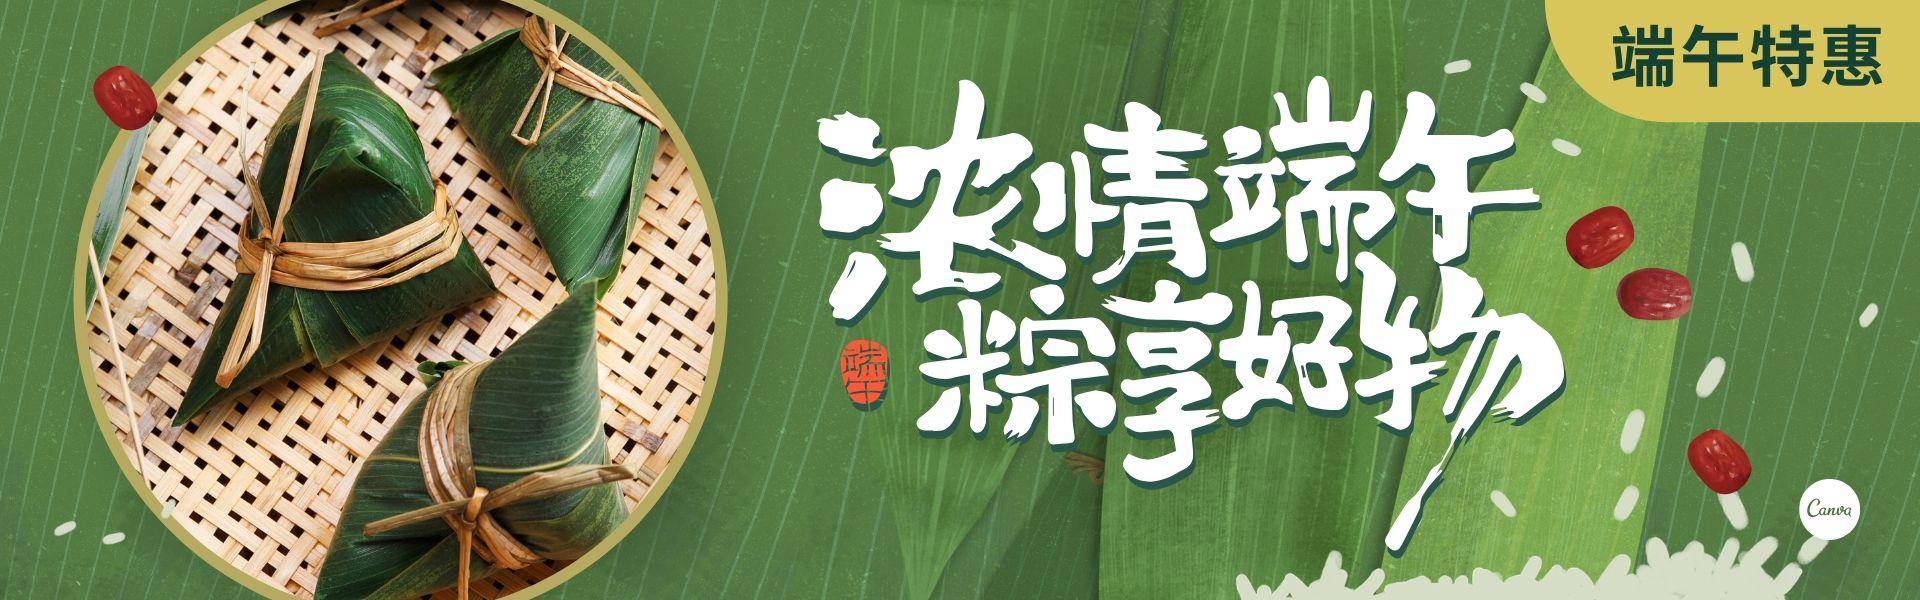 端午节电商Banner